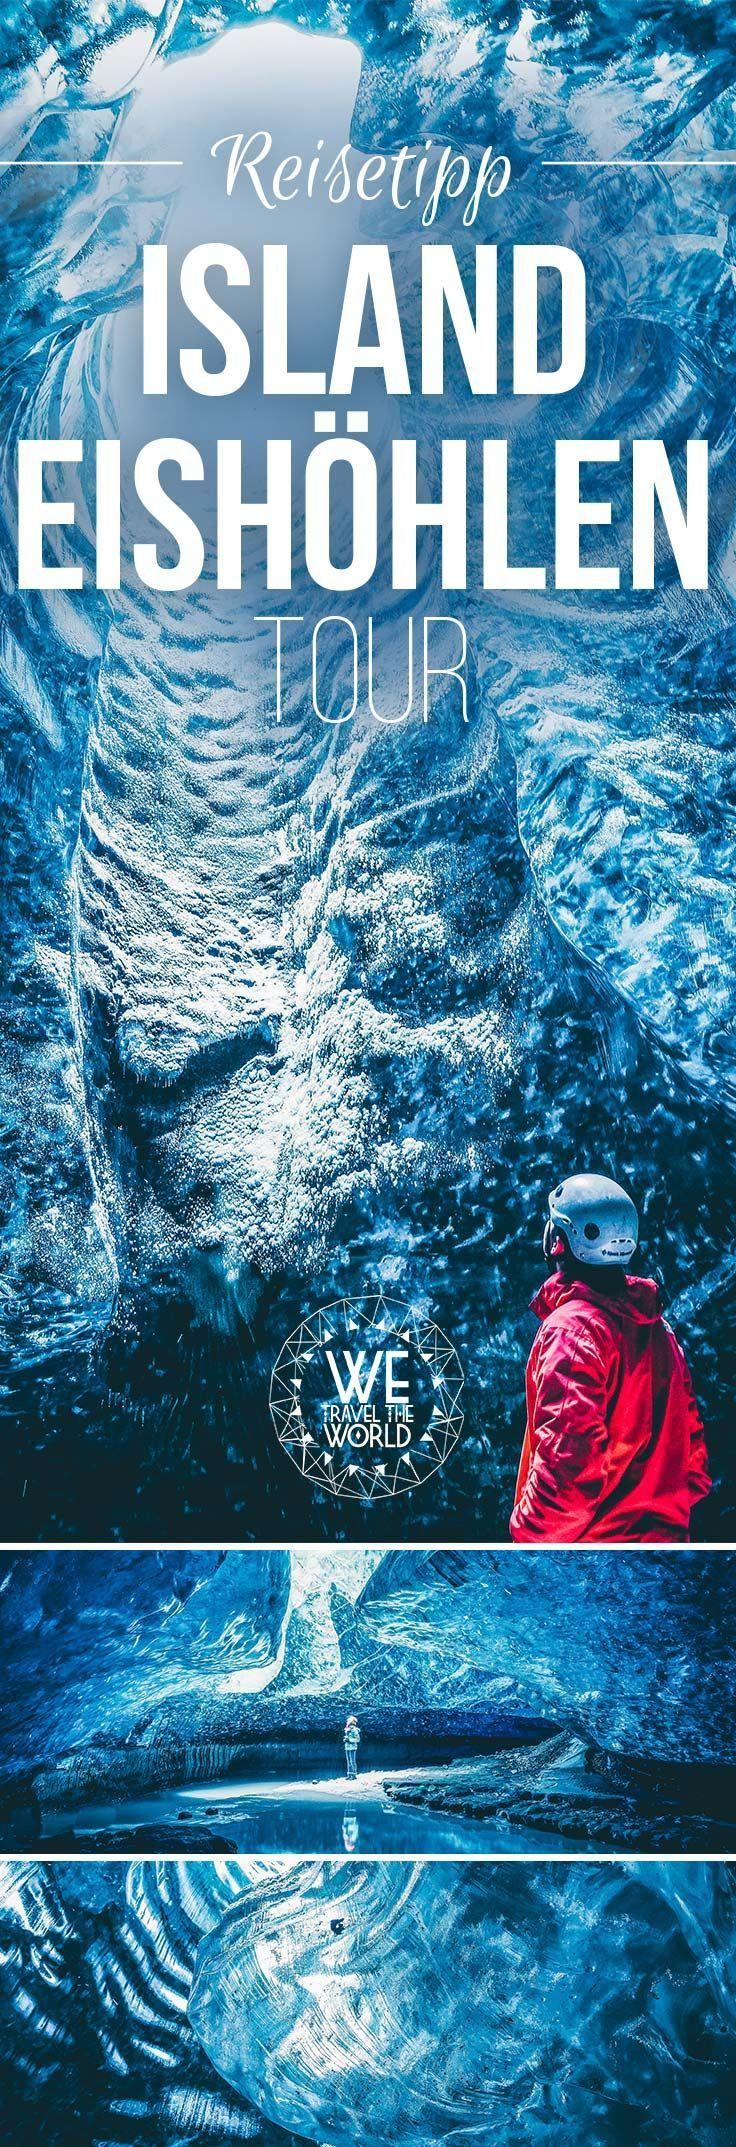 Island Reise: Island Eishöhlen am Gletscher Vatnajökull: Erfahrungsbericht und Reisetipps zu dem Highlight im Süden Islands. Alles was du wissen musst, inkl. Packliste. #island #roadtrip #urlaub